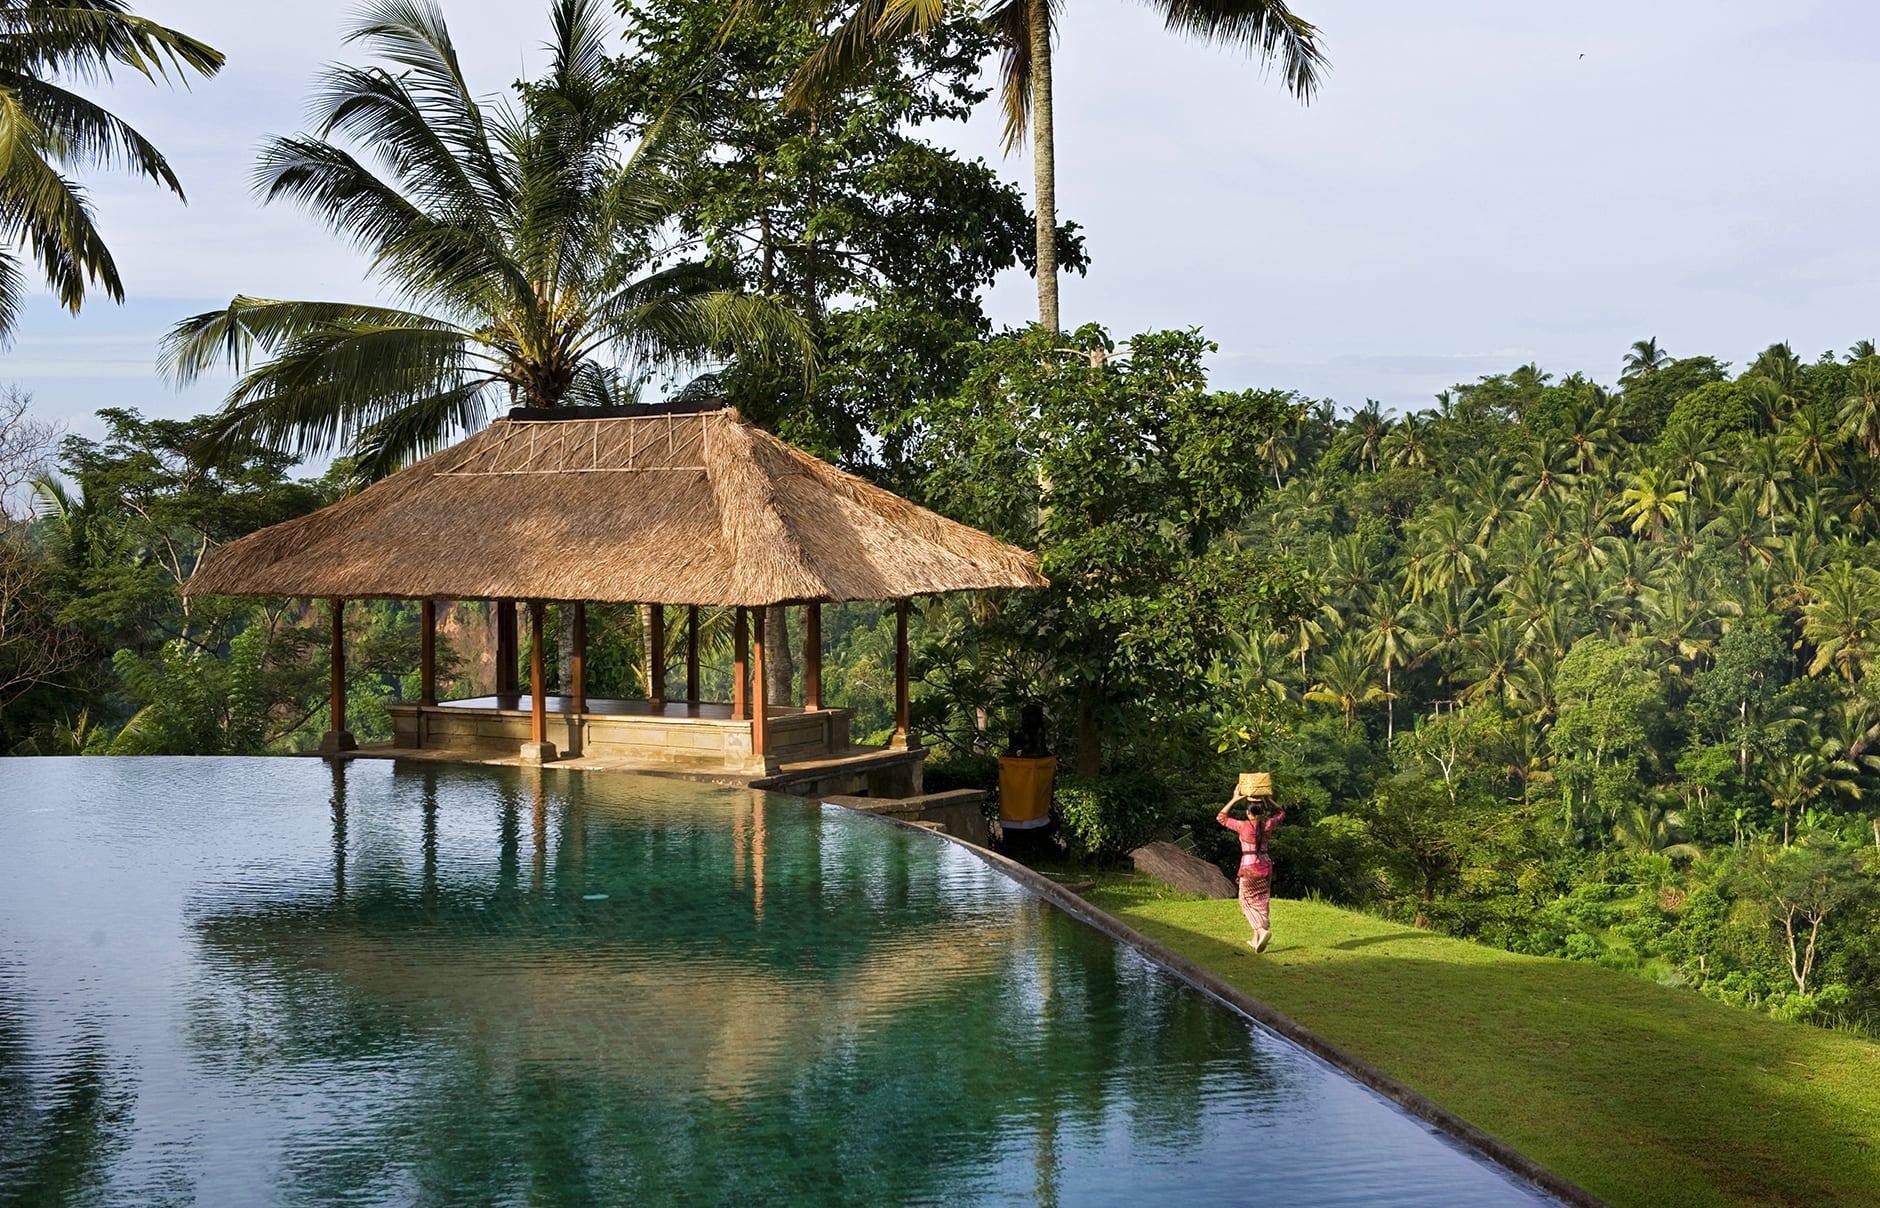 Amandari ubud bali luxury hotels travelplusstyle for Luxury resorts in bali indonesia